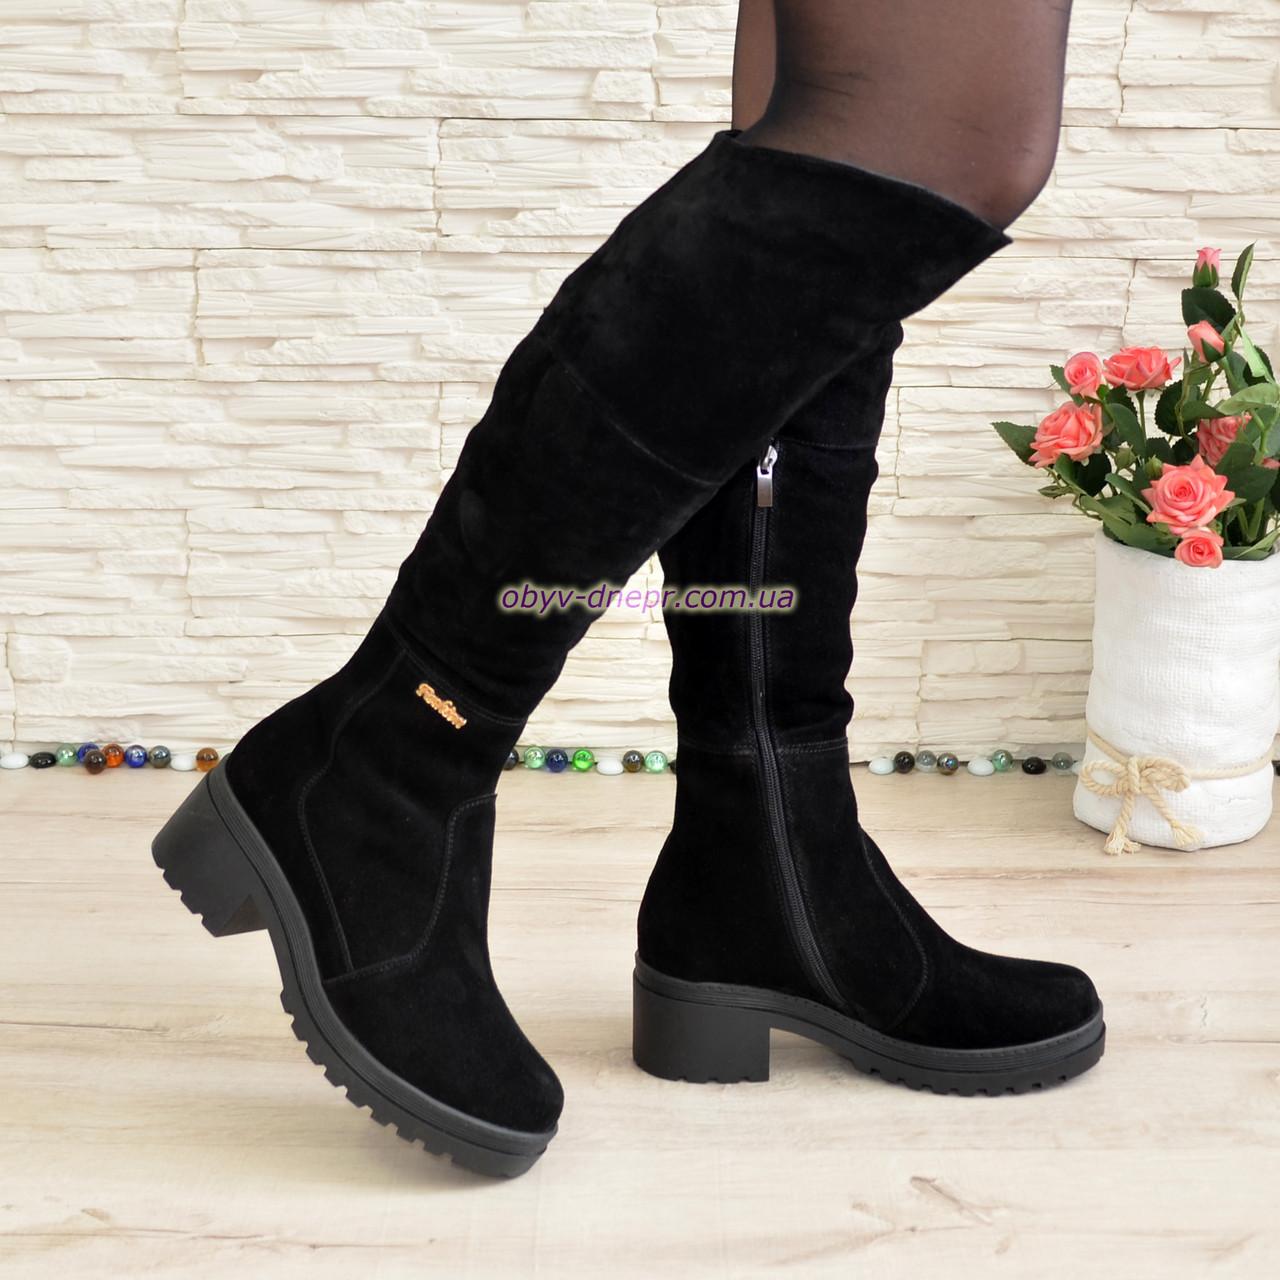 Женские зимние замшевые ботфорты на устойчивом каблуке, цвет черный